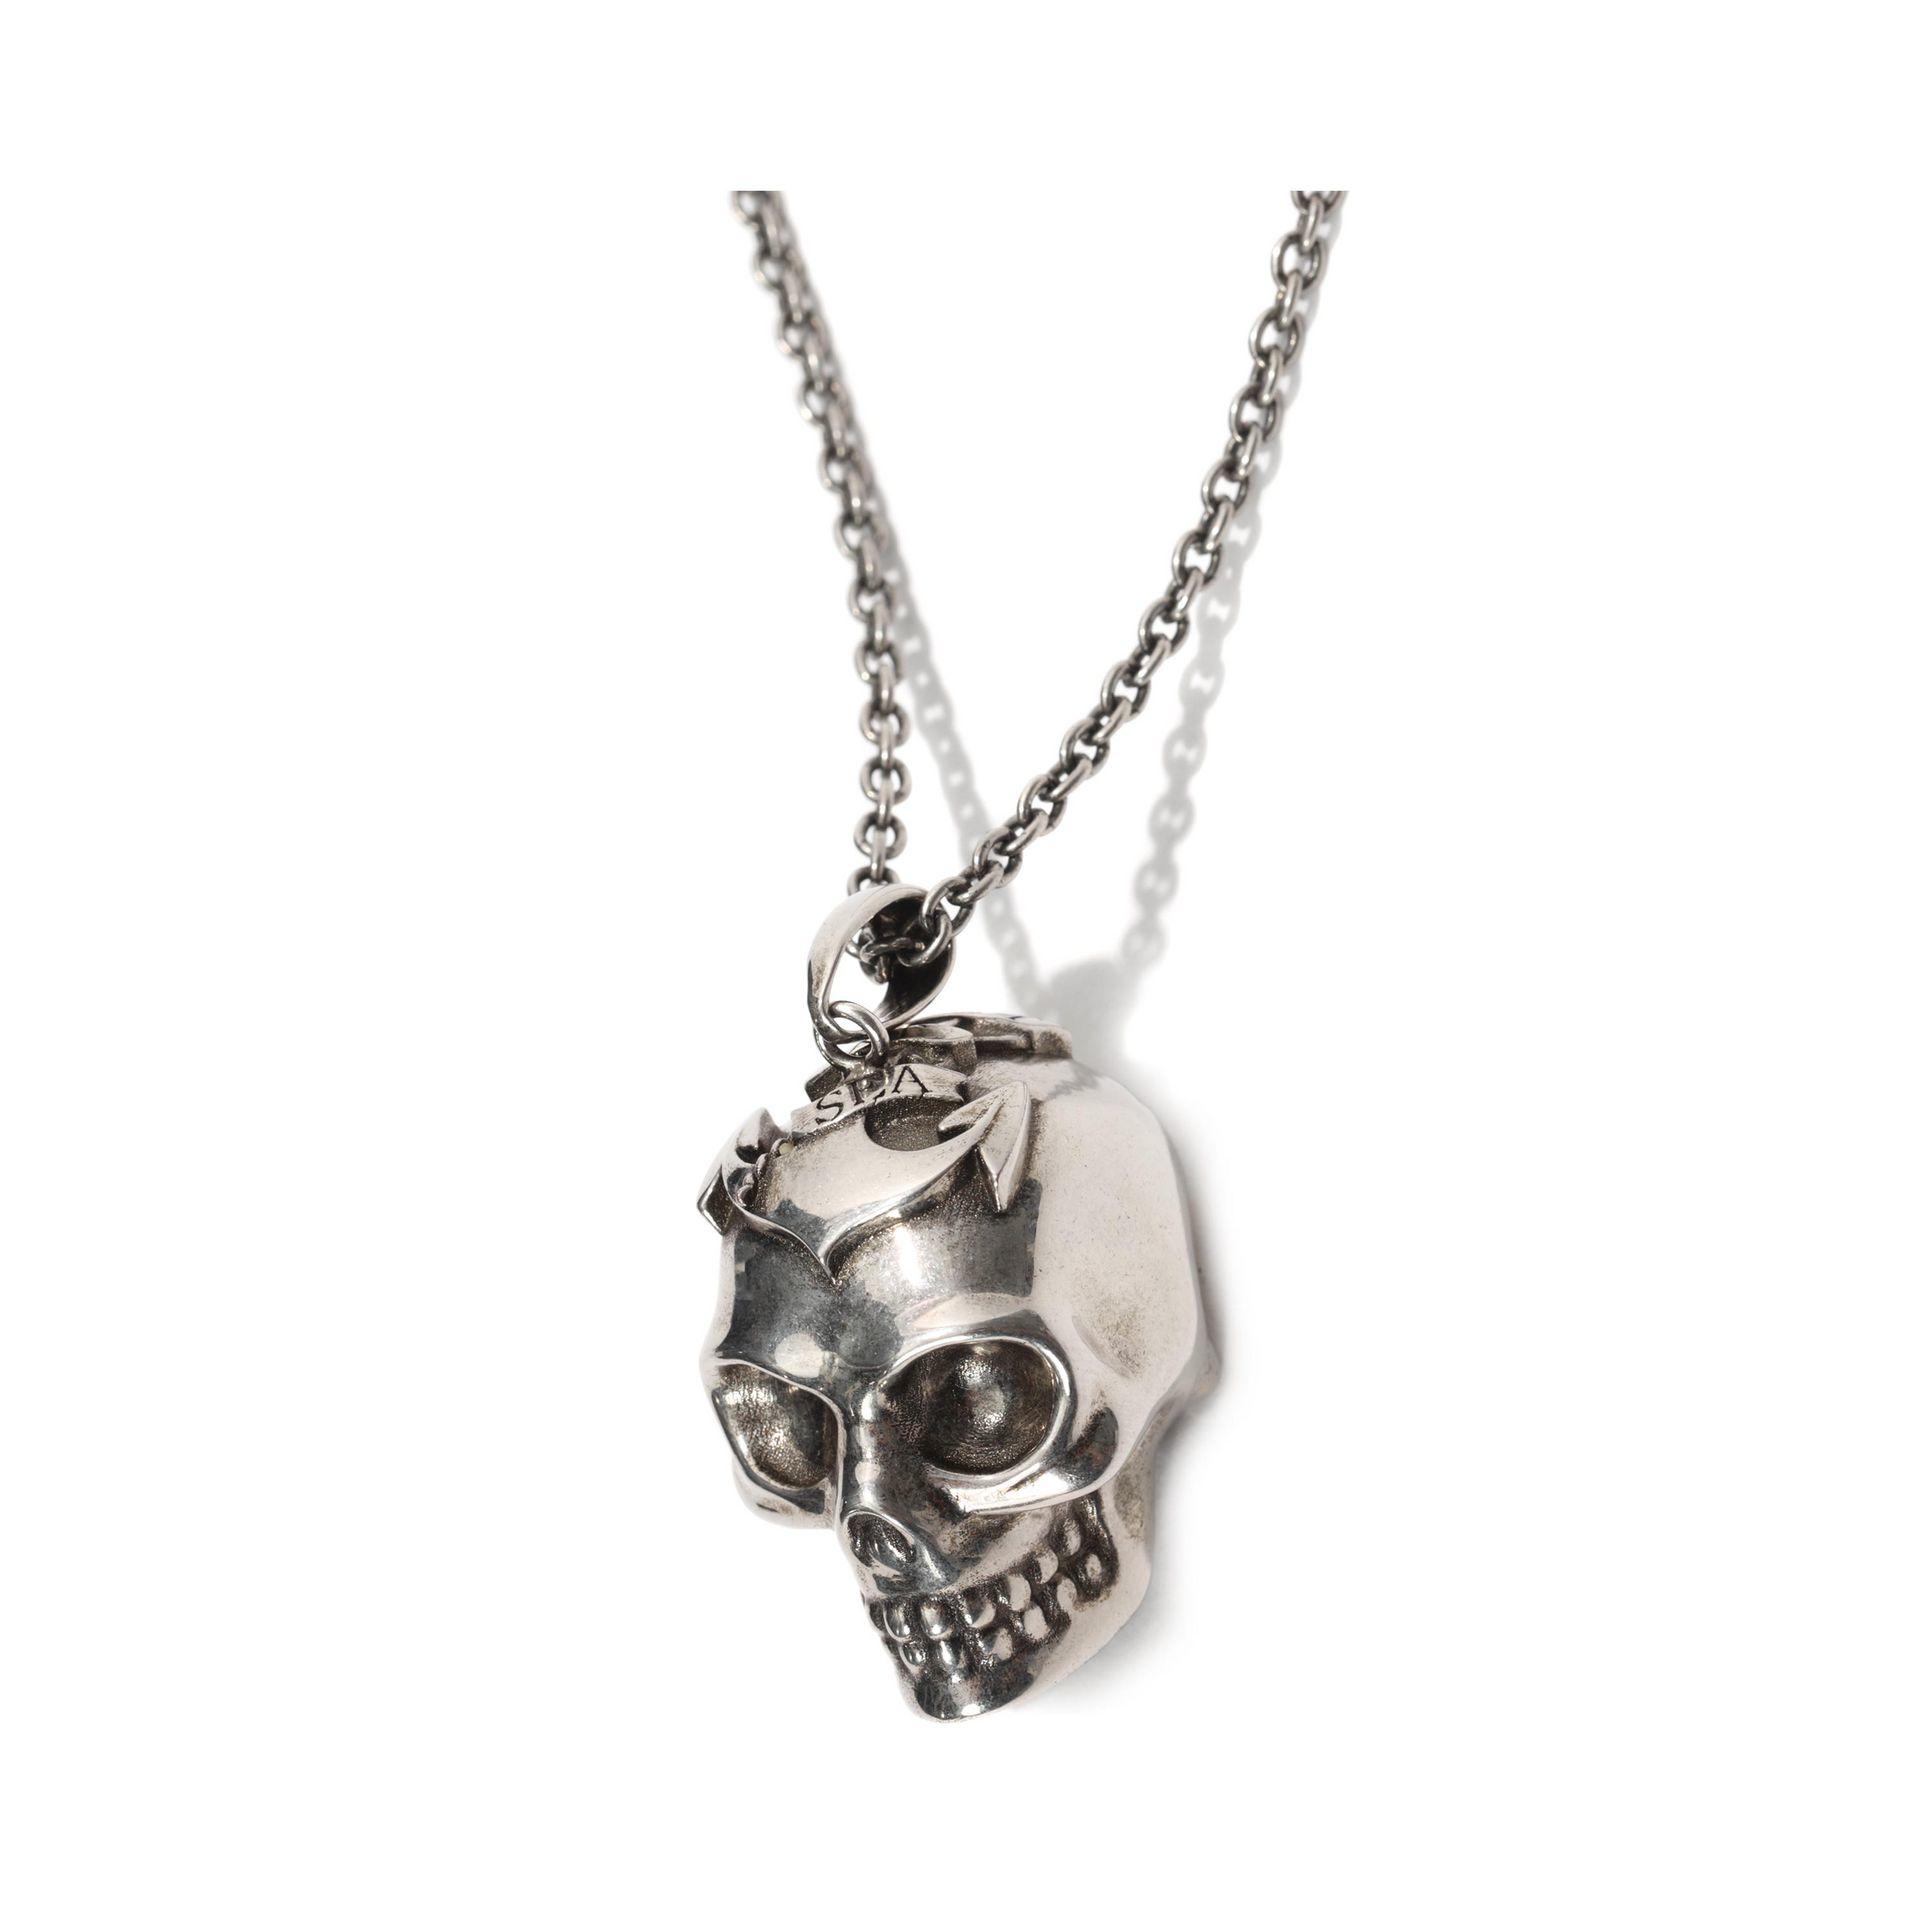 Alexander McQueen Anchor pendant necklace xnAQteEgL